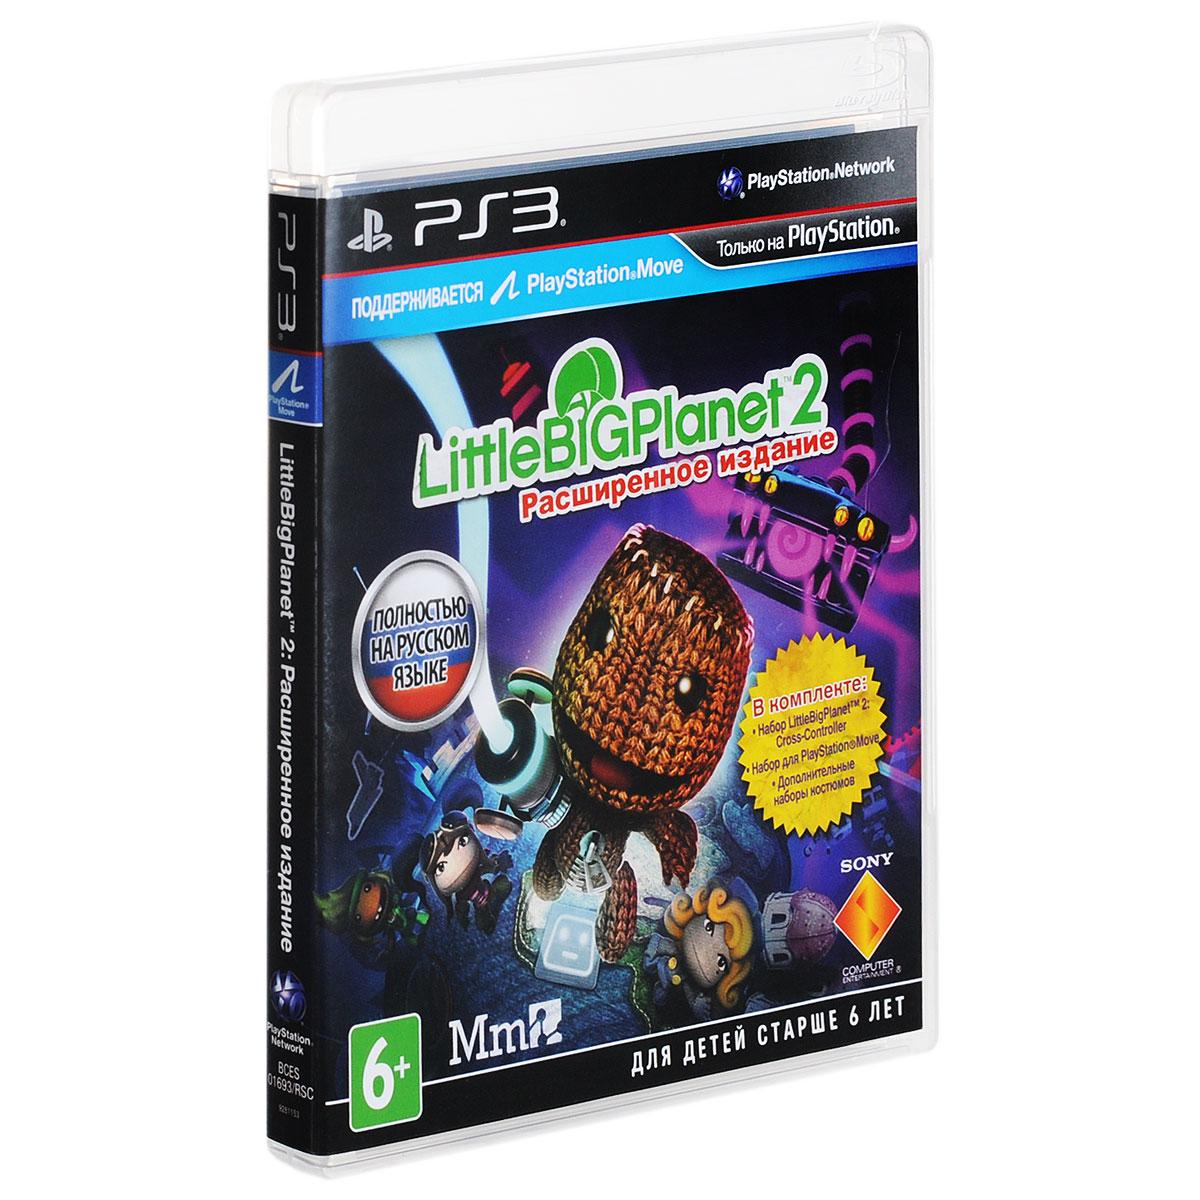 LittleBigPlanet 2. Расширенное издание (с поддержкой PS Move) (PS3)